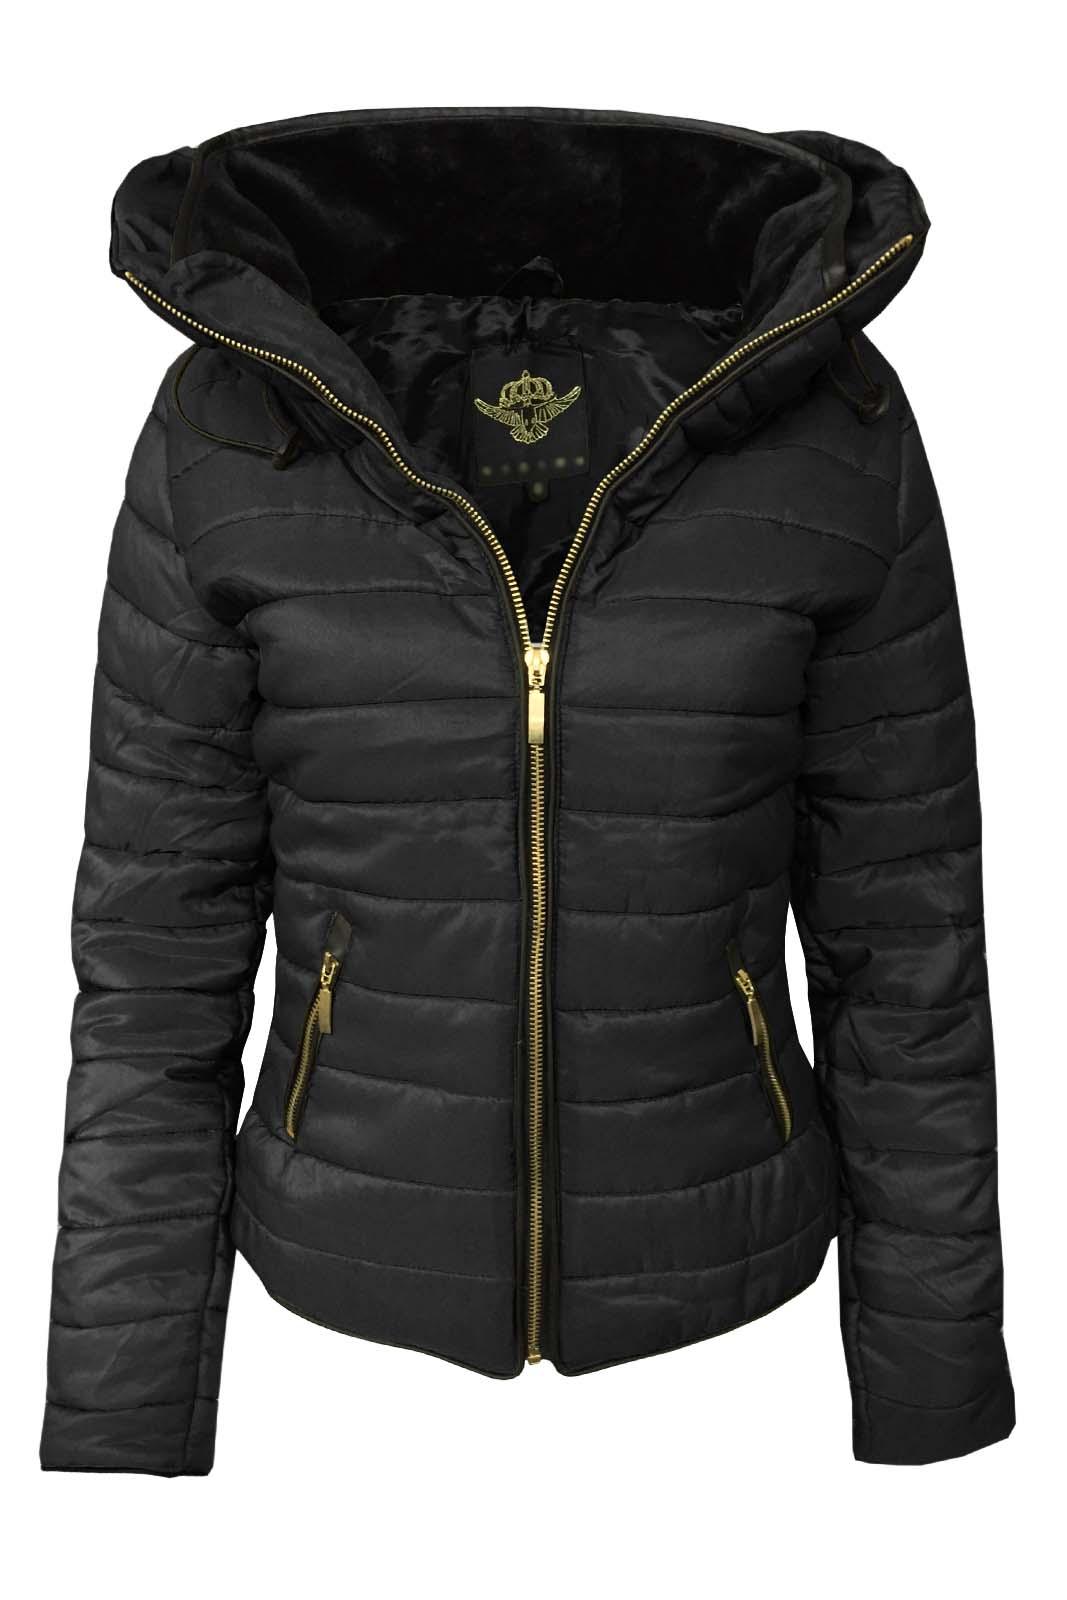 Womens coats jackets